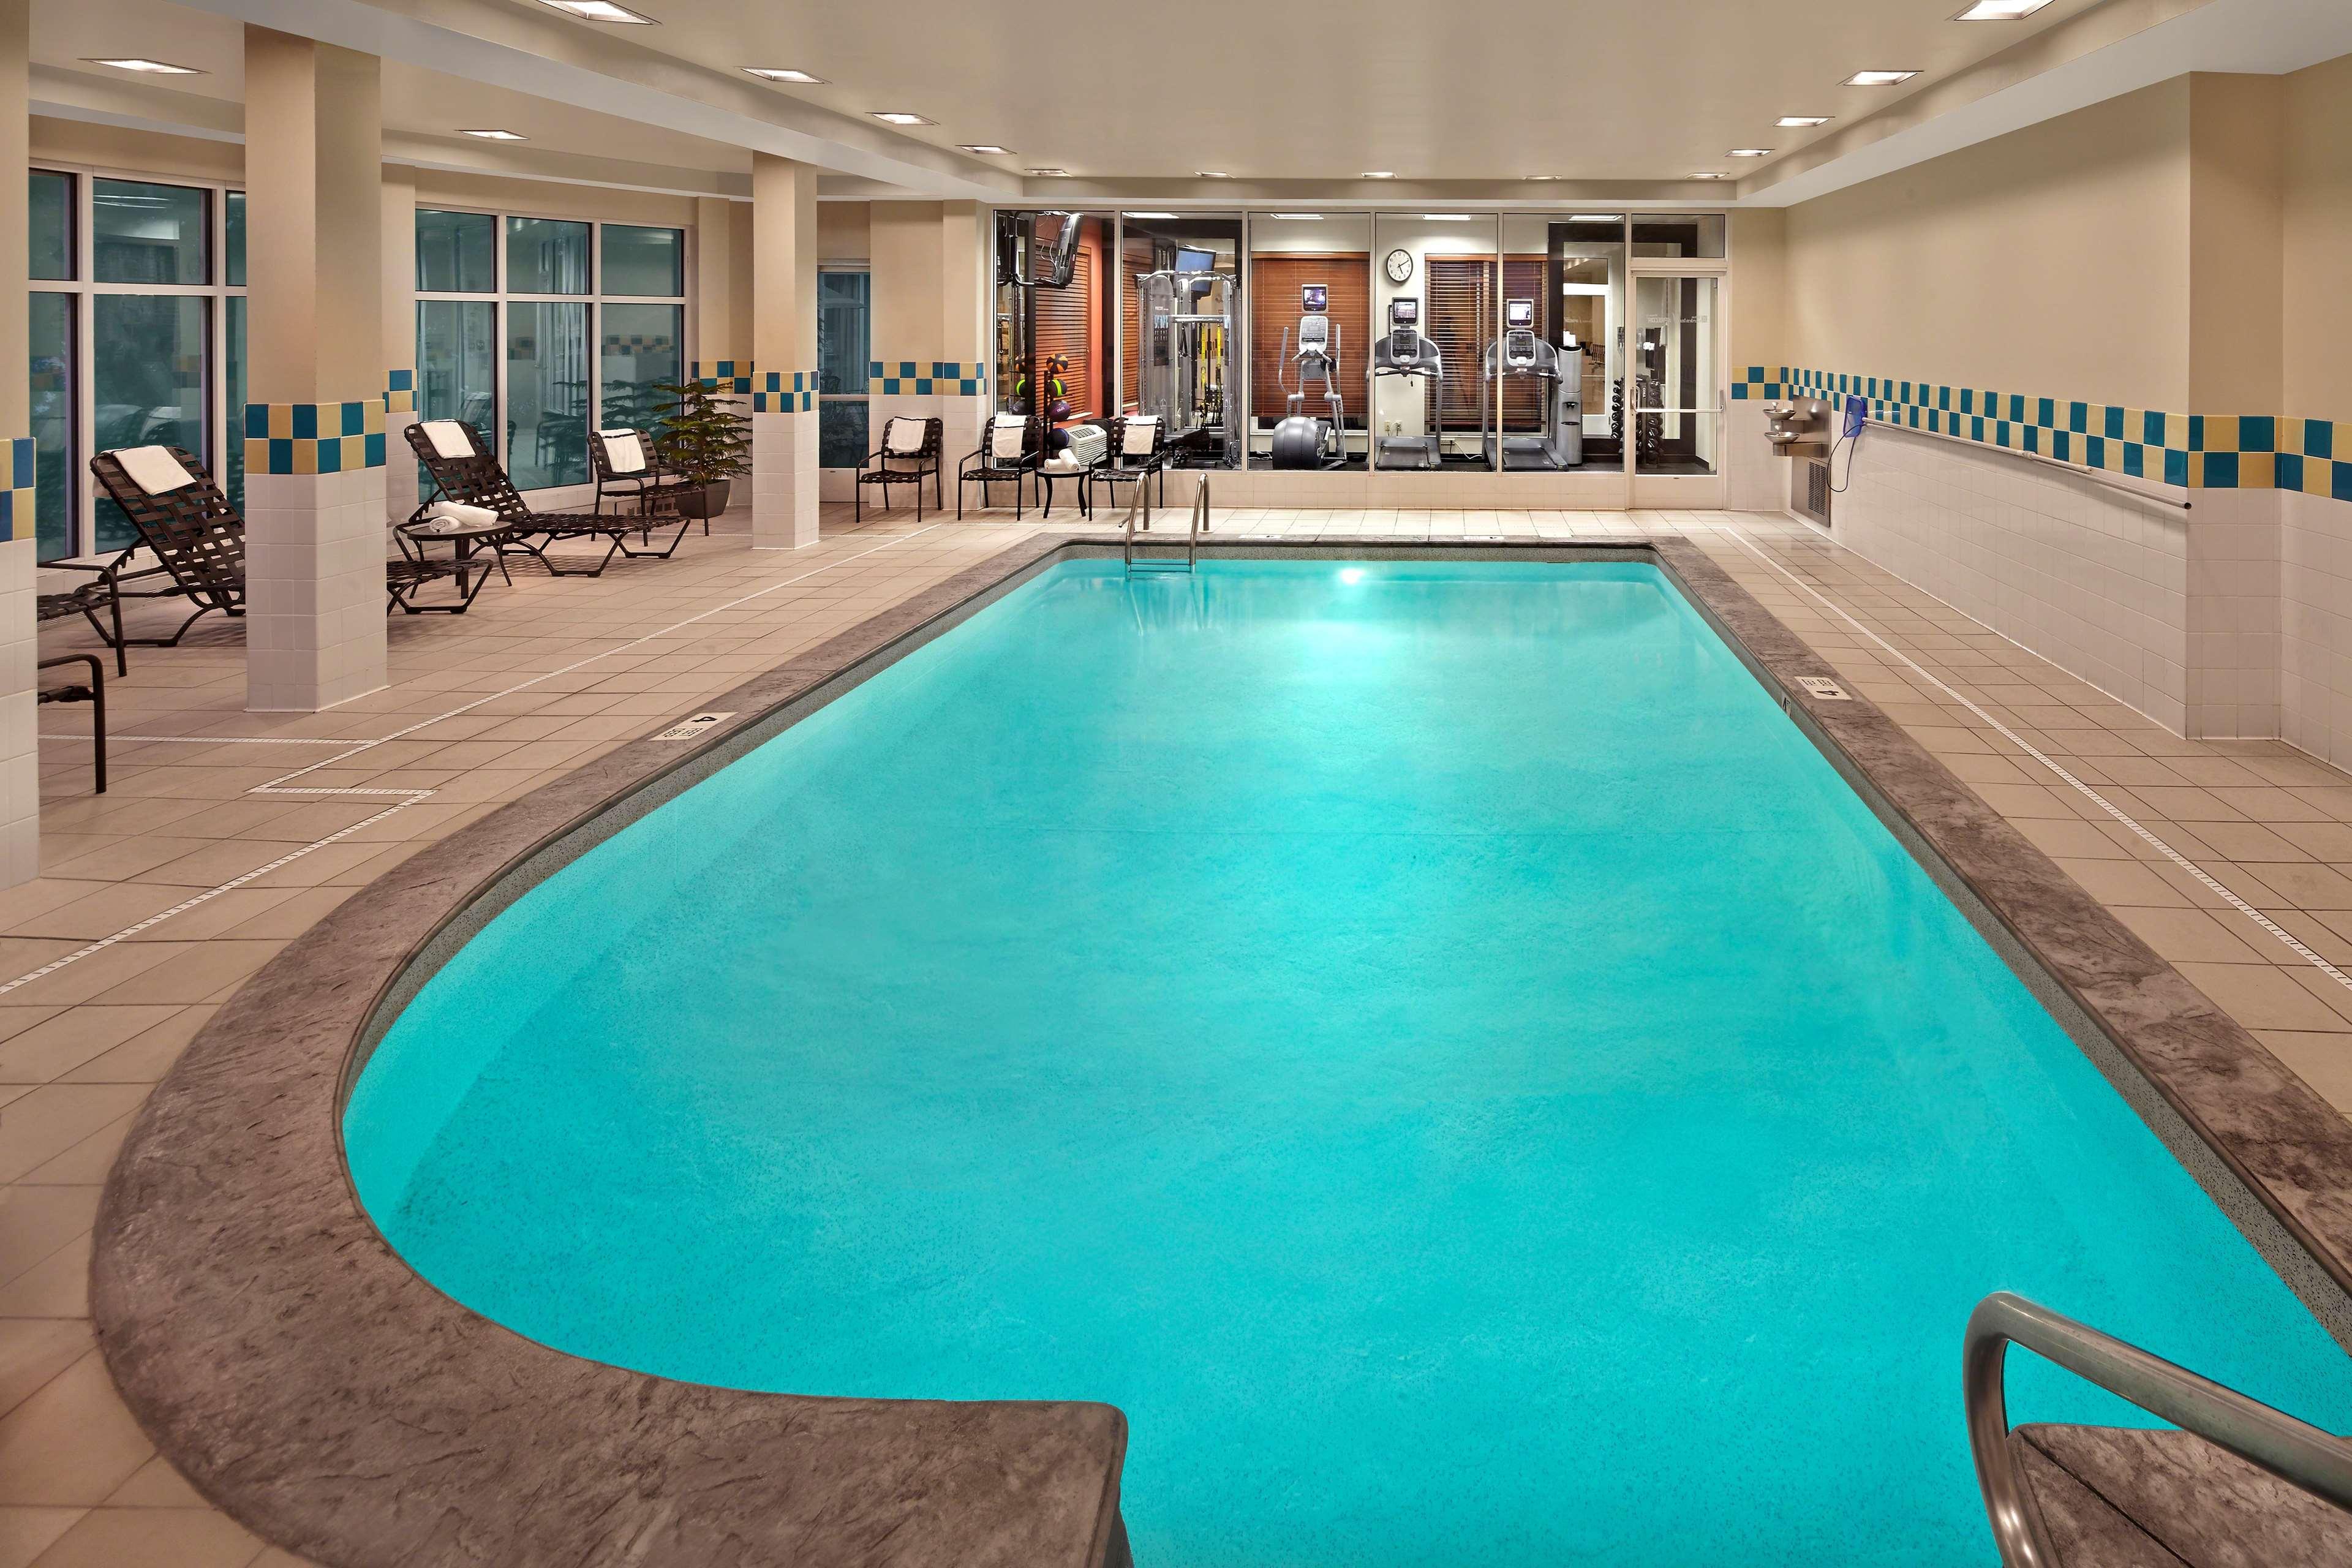 Hilton Garden Inn Danbury image 8